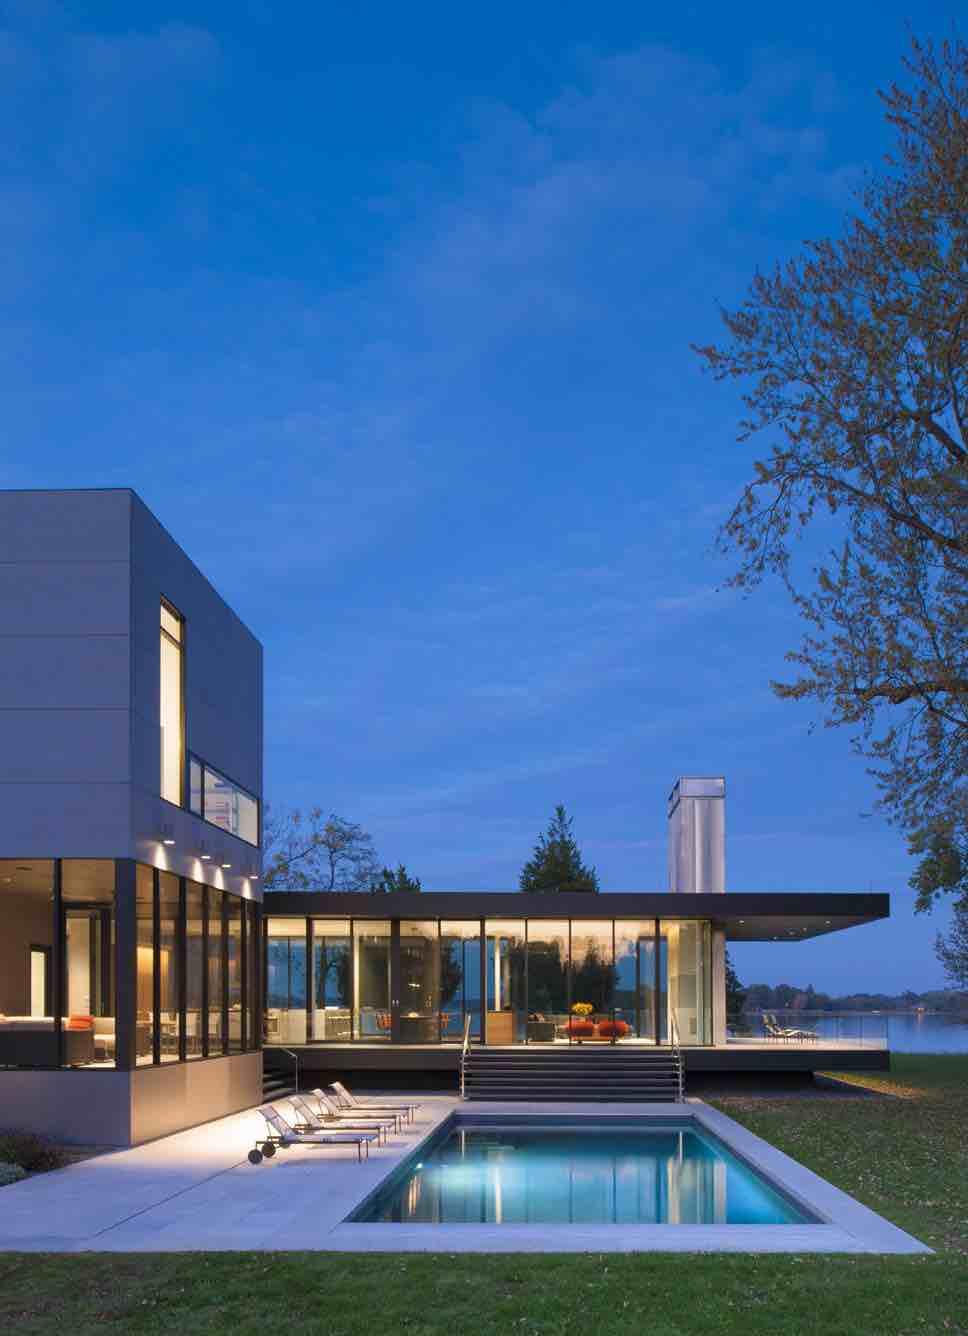 tred-avon-river-house-robert-m-gurney-architect_mackenzie-gurney-guttmanresidence-31